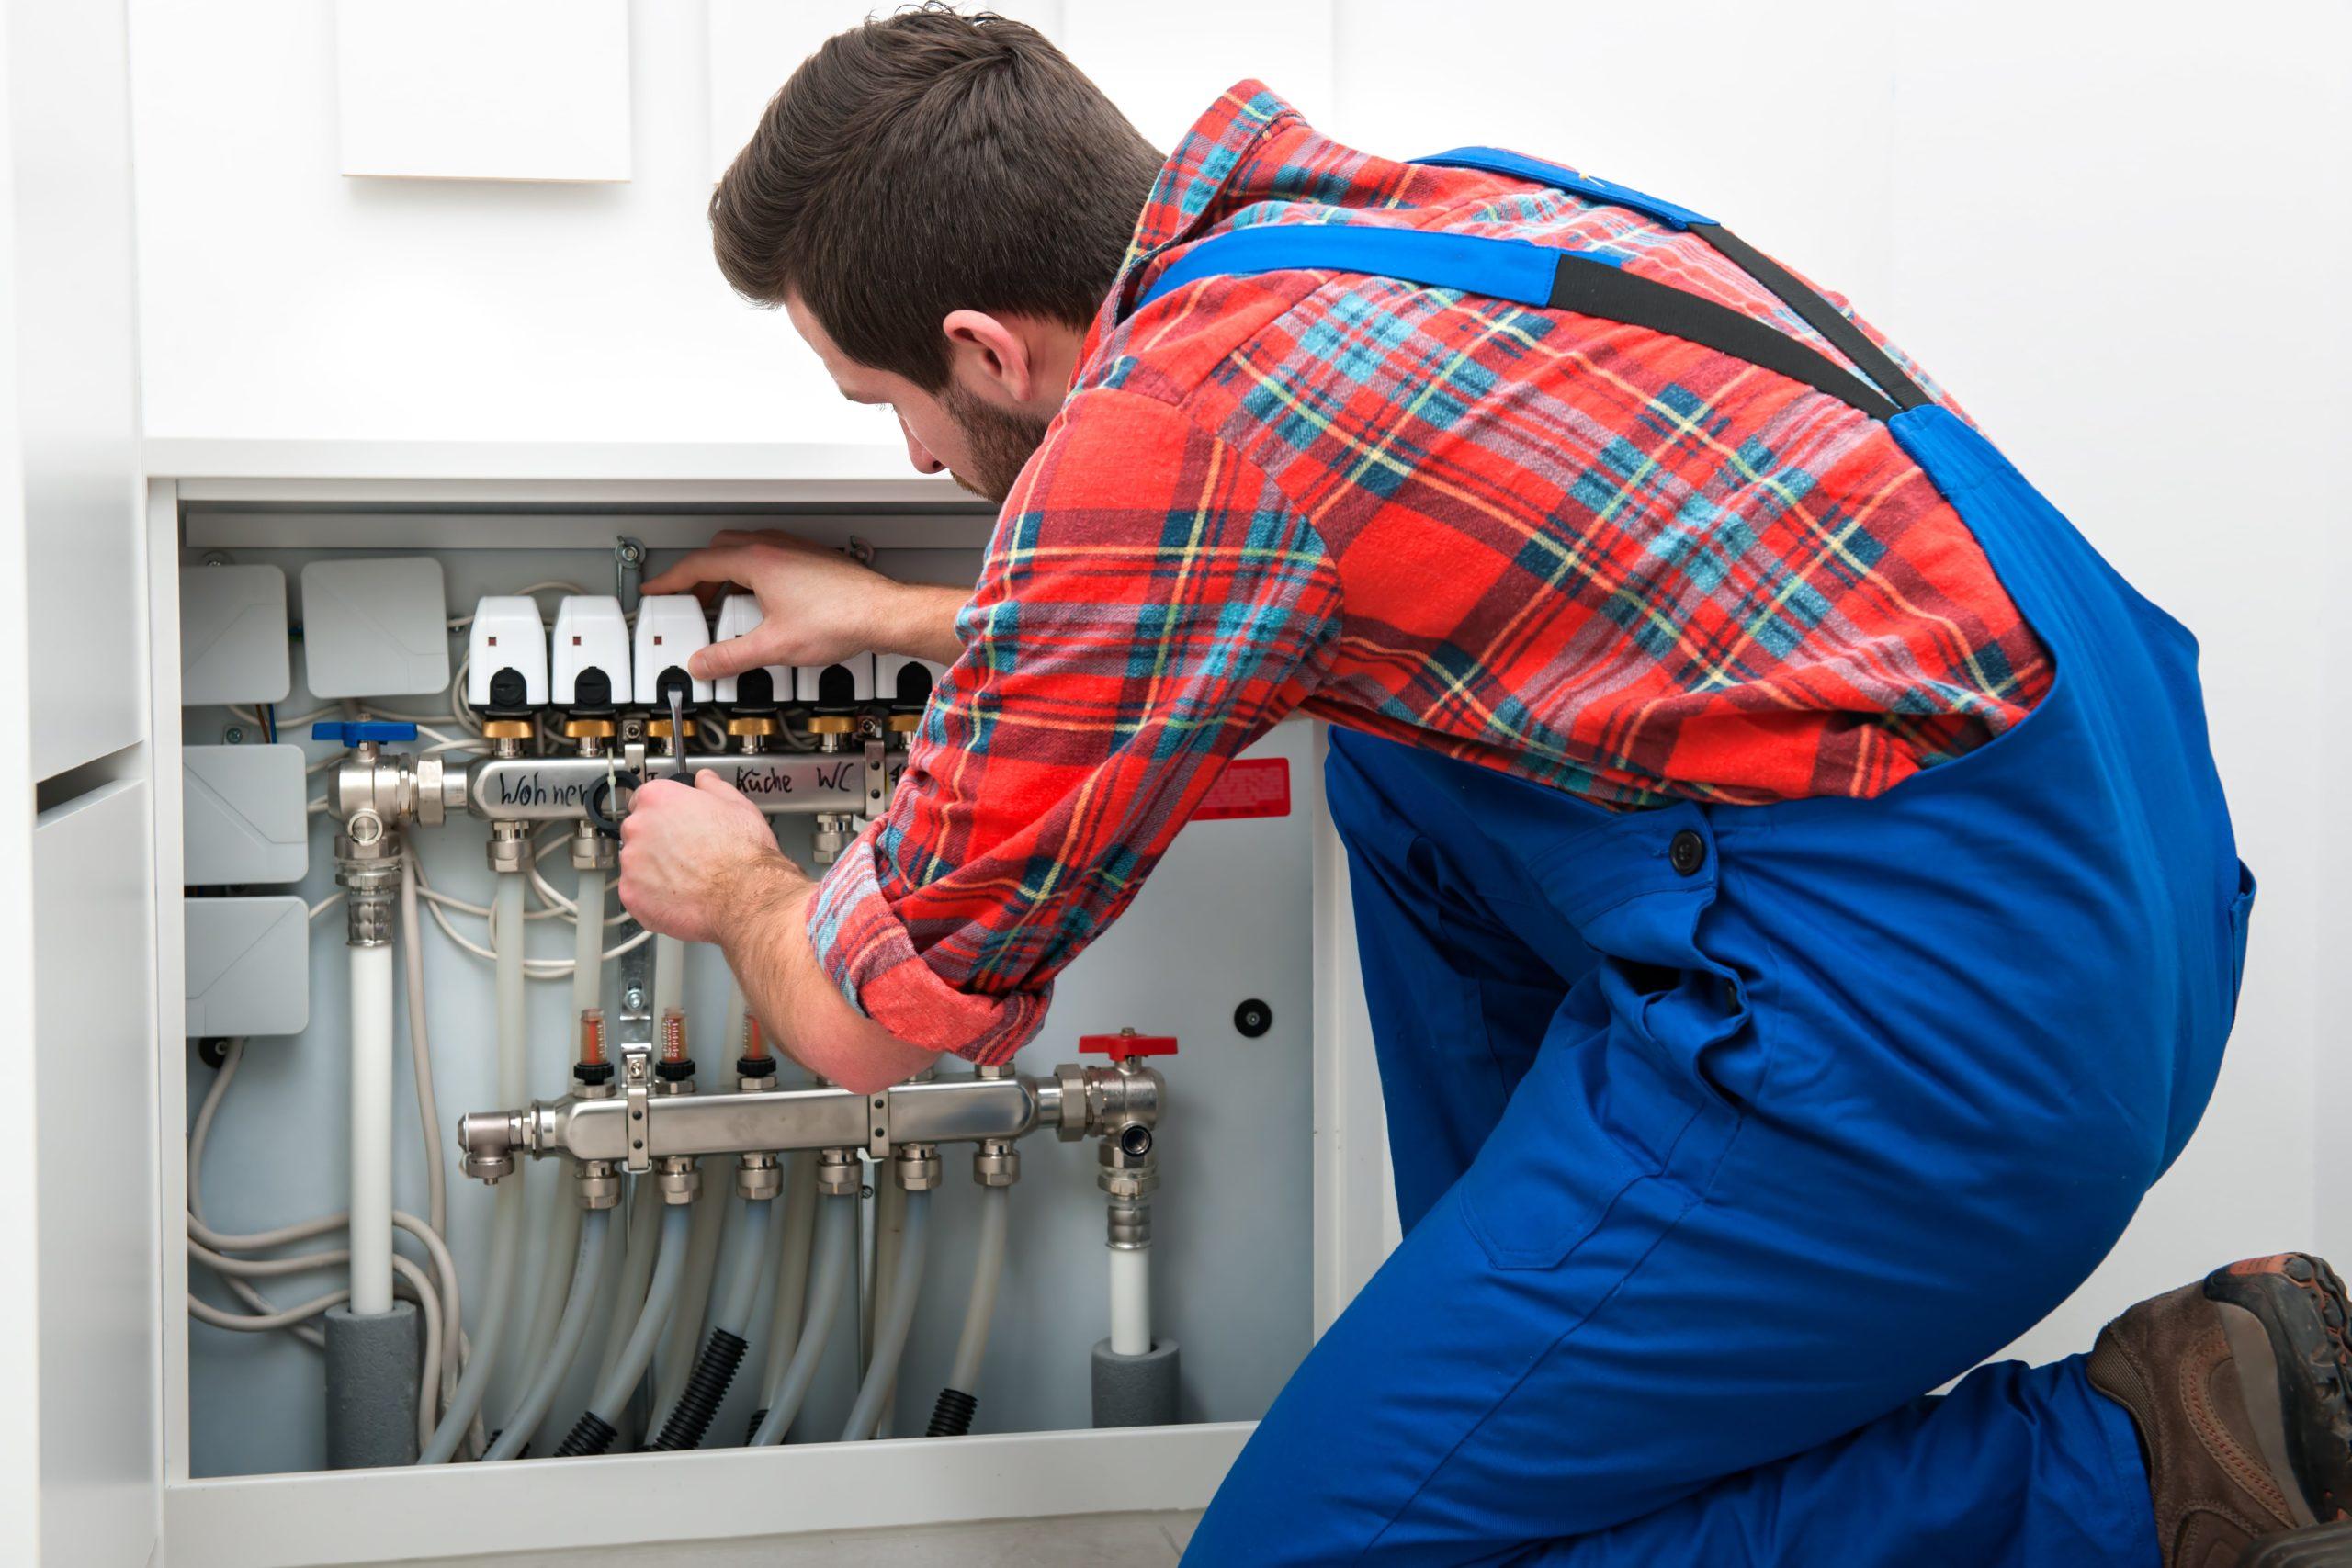 Technicien pour désembouage radiateur